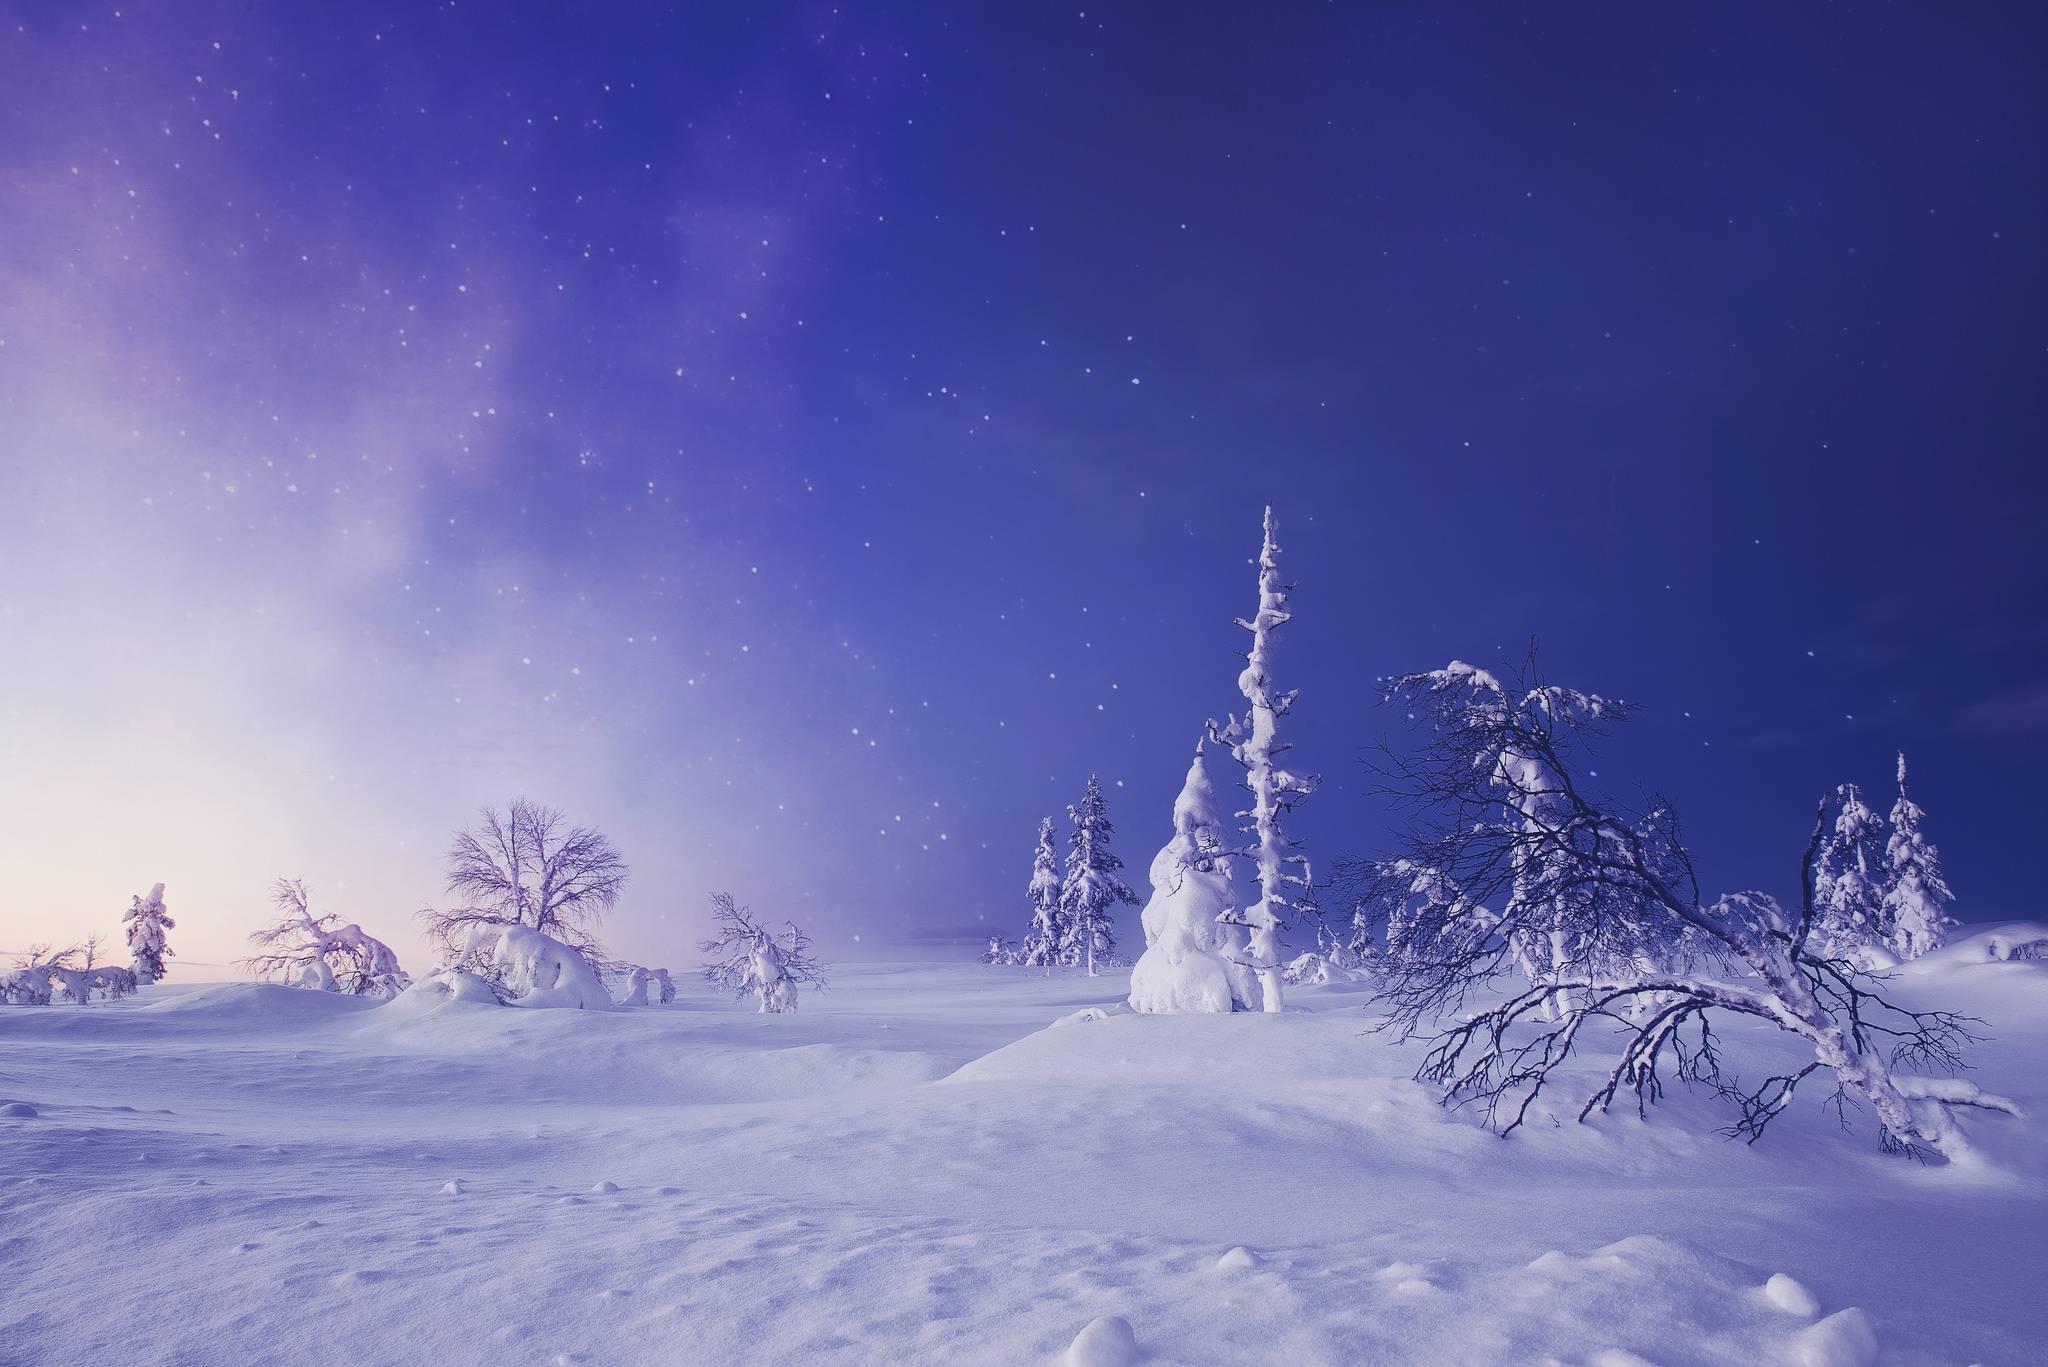 Лапландия, Финляндия, деревья